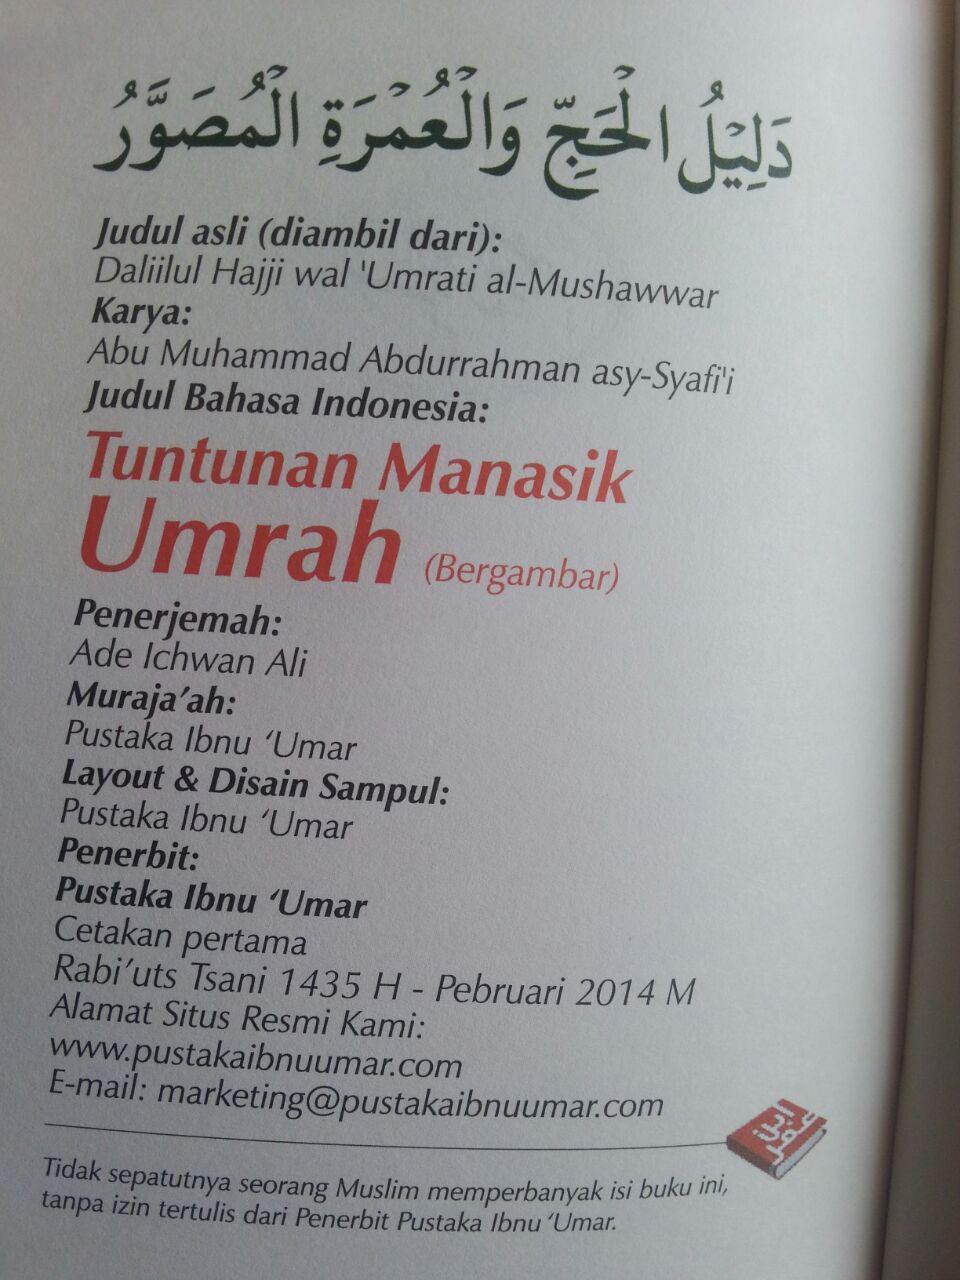 Buku Saku Tuntunan Manasik Umrah isi 2